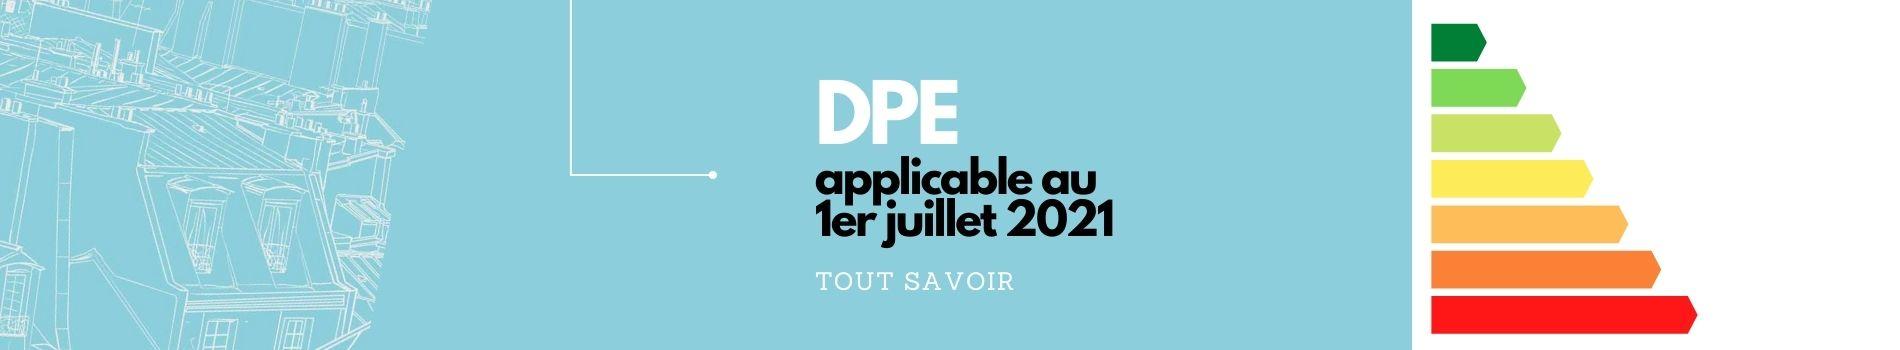 DPE applicable au 1er juillet 2021